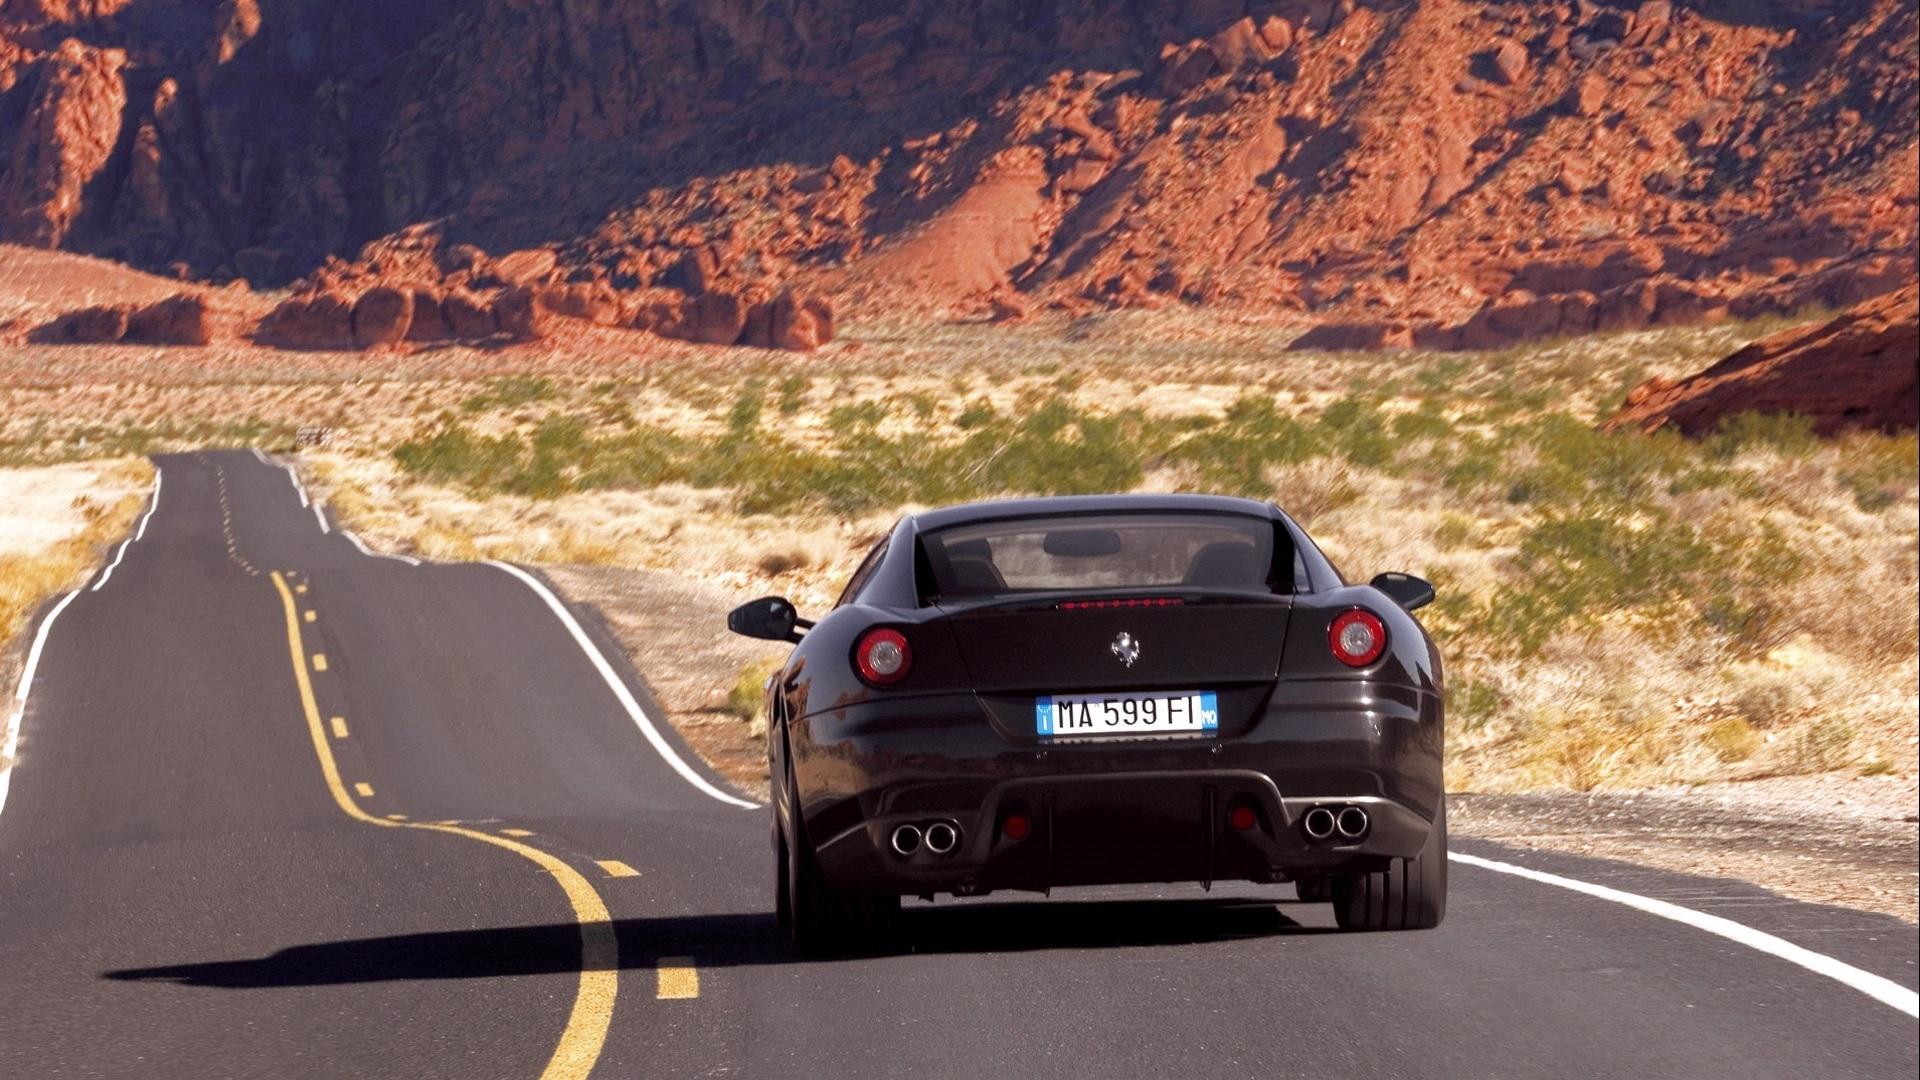 11114 скачать обои Транспорт, Машины, Феррари (Ferrari) - заставки и картинки бесплатно